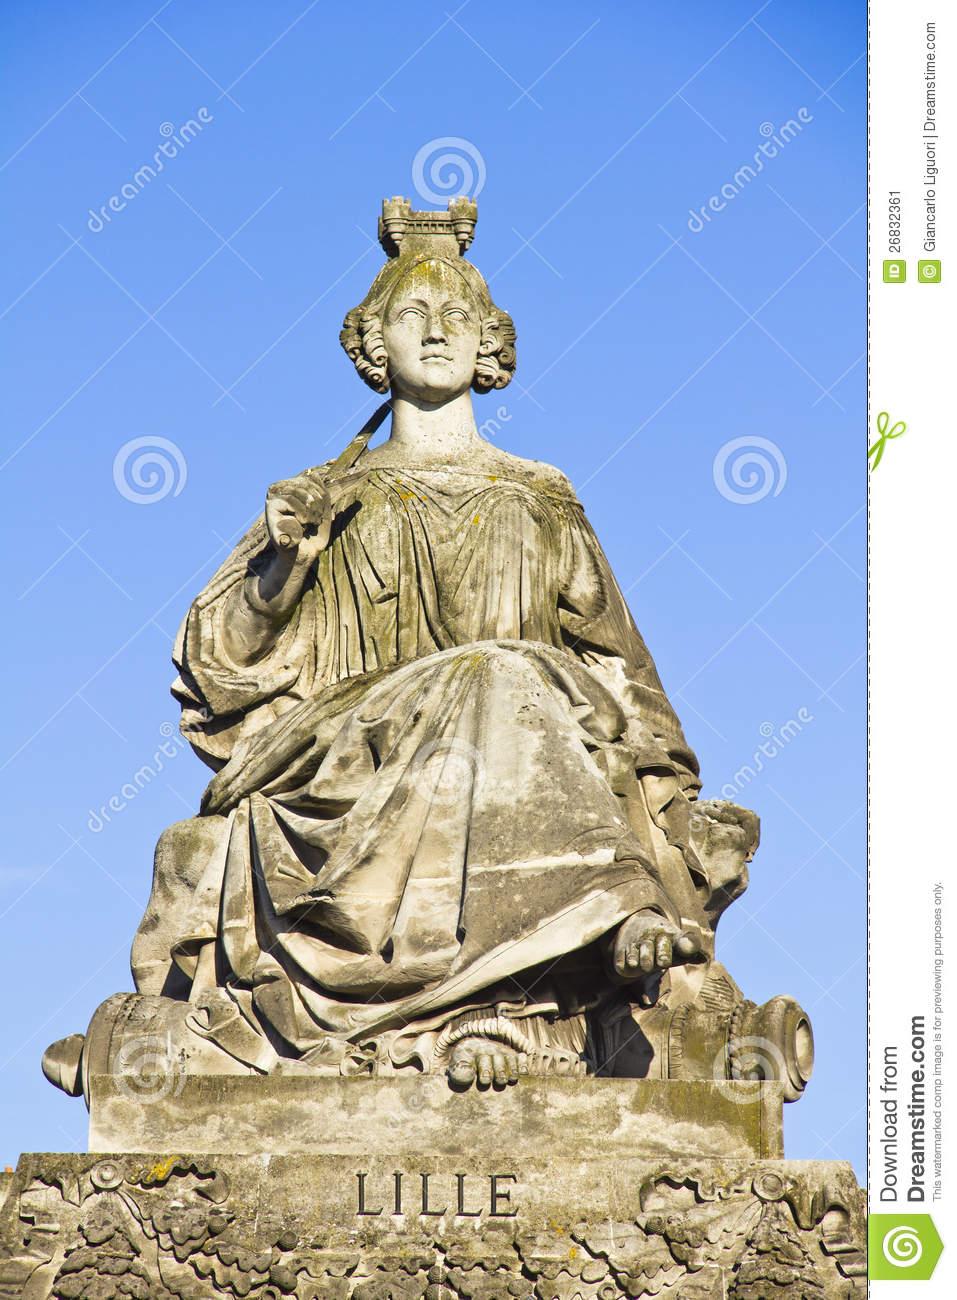 Statue Of Lille, Place De La Concorde, Paris Stock Image.